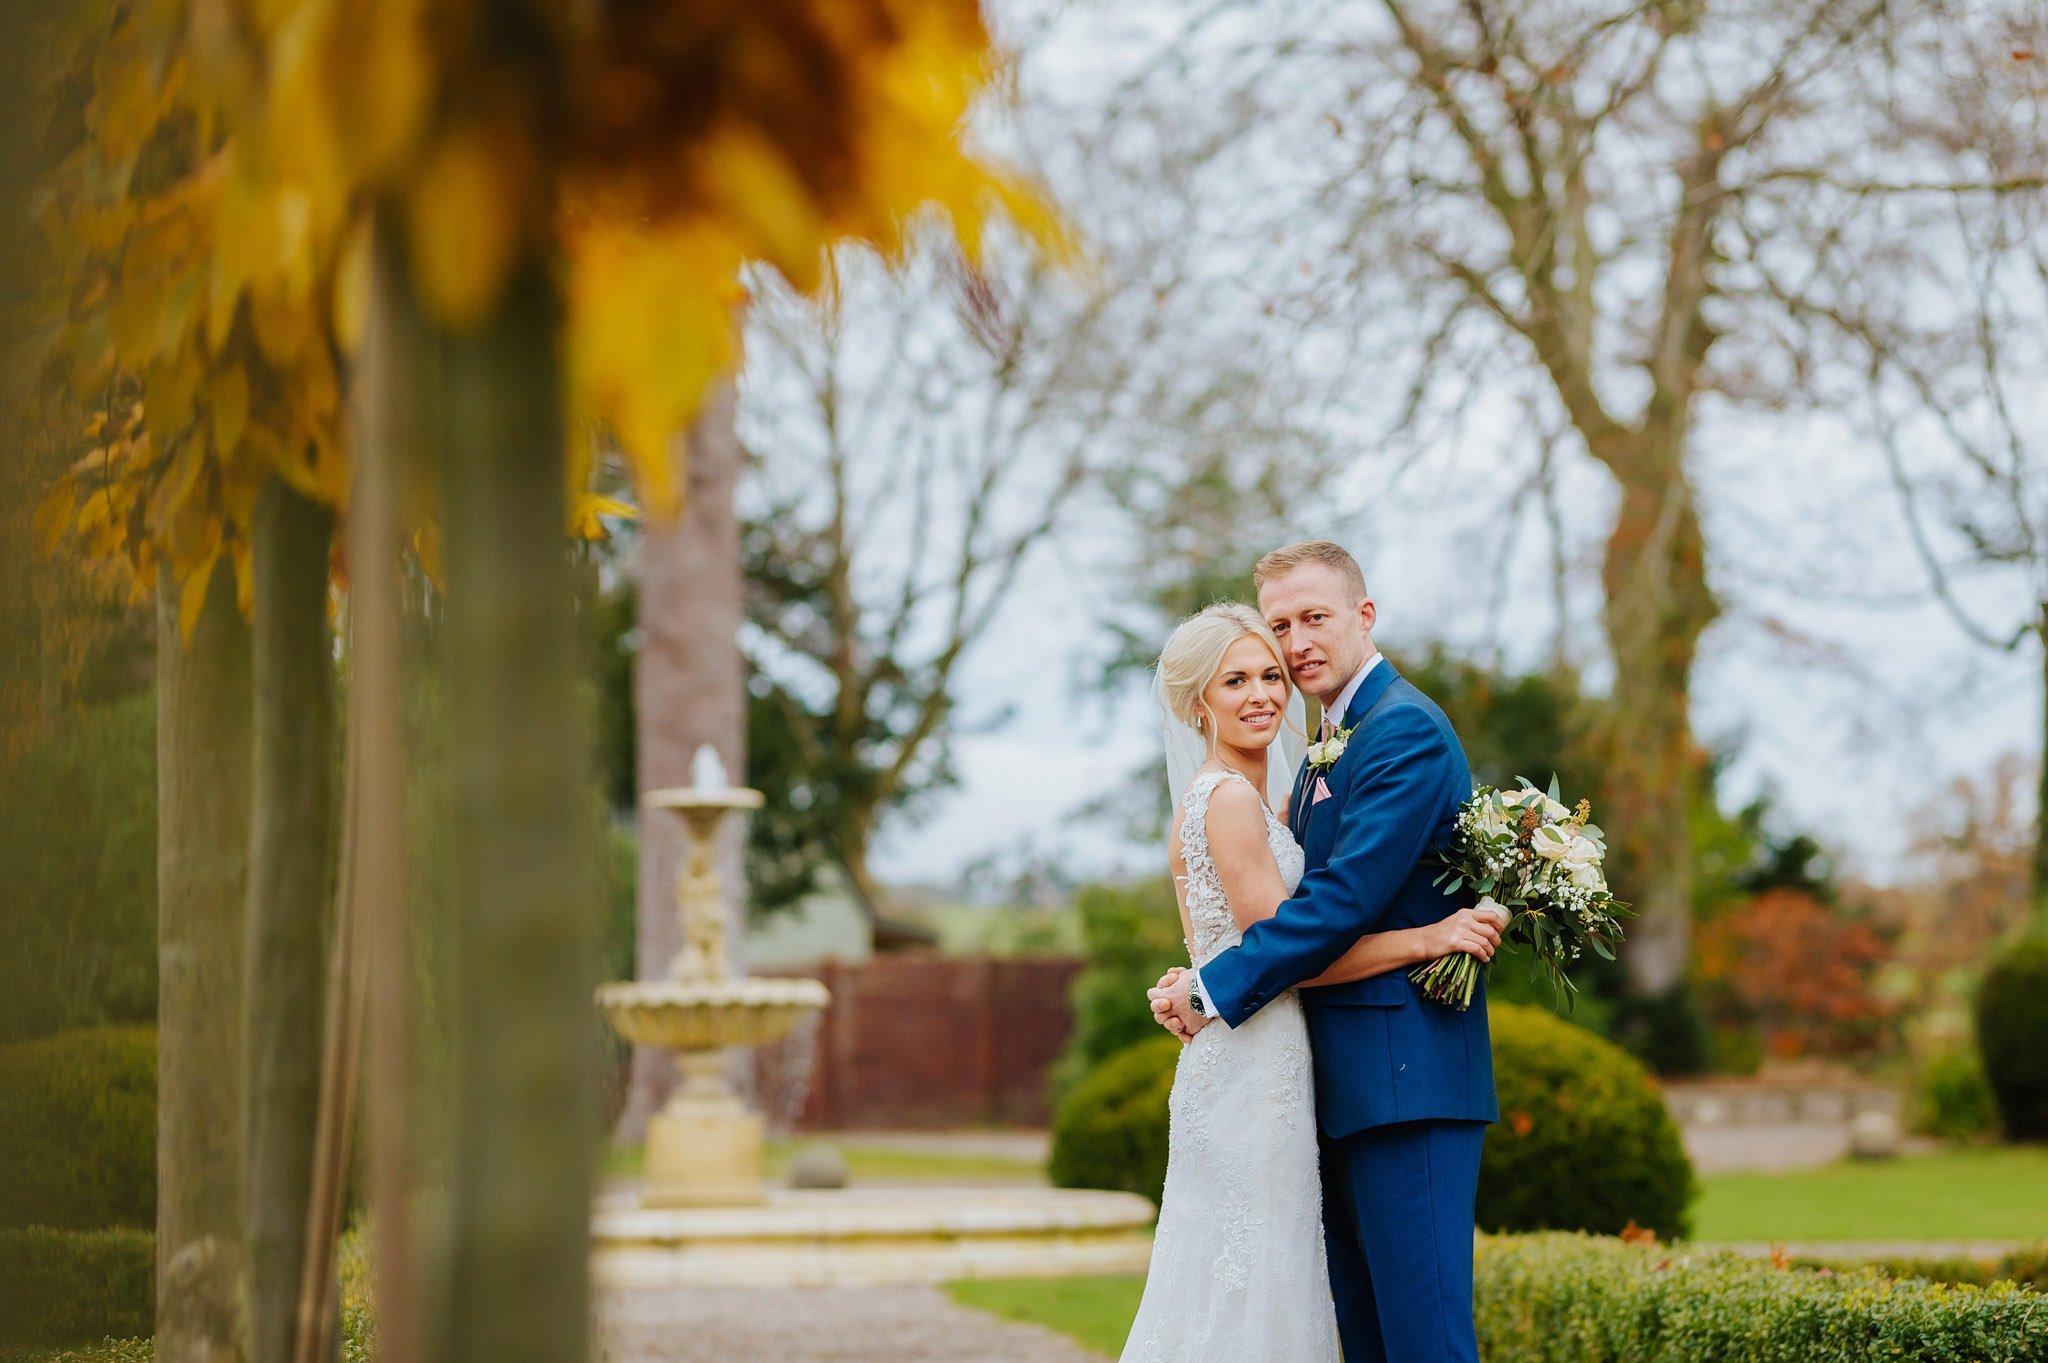 Lemore Manor wedding, Herefordshire - West Midlands | Sadie + Ken 69